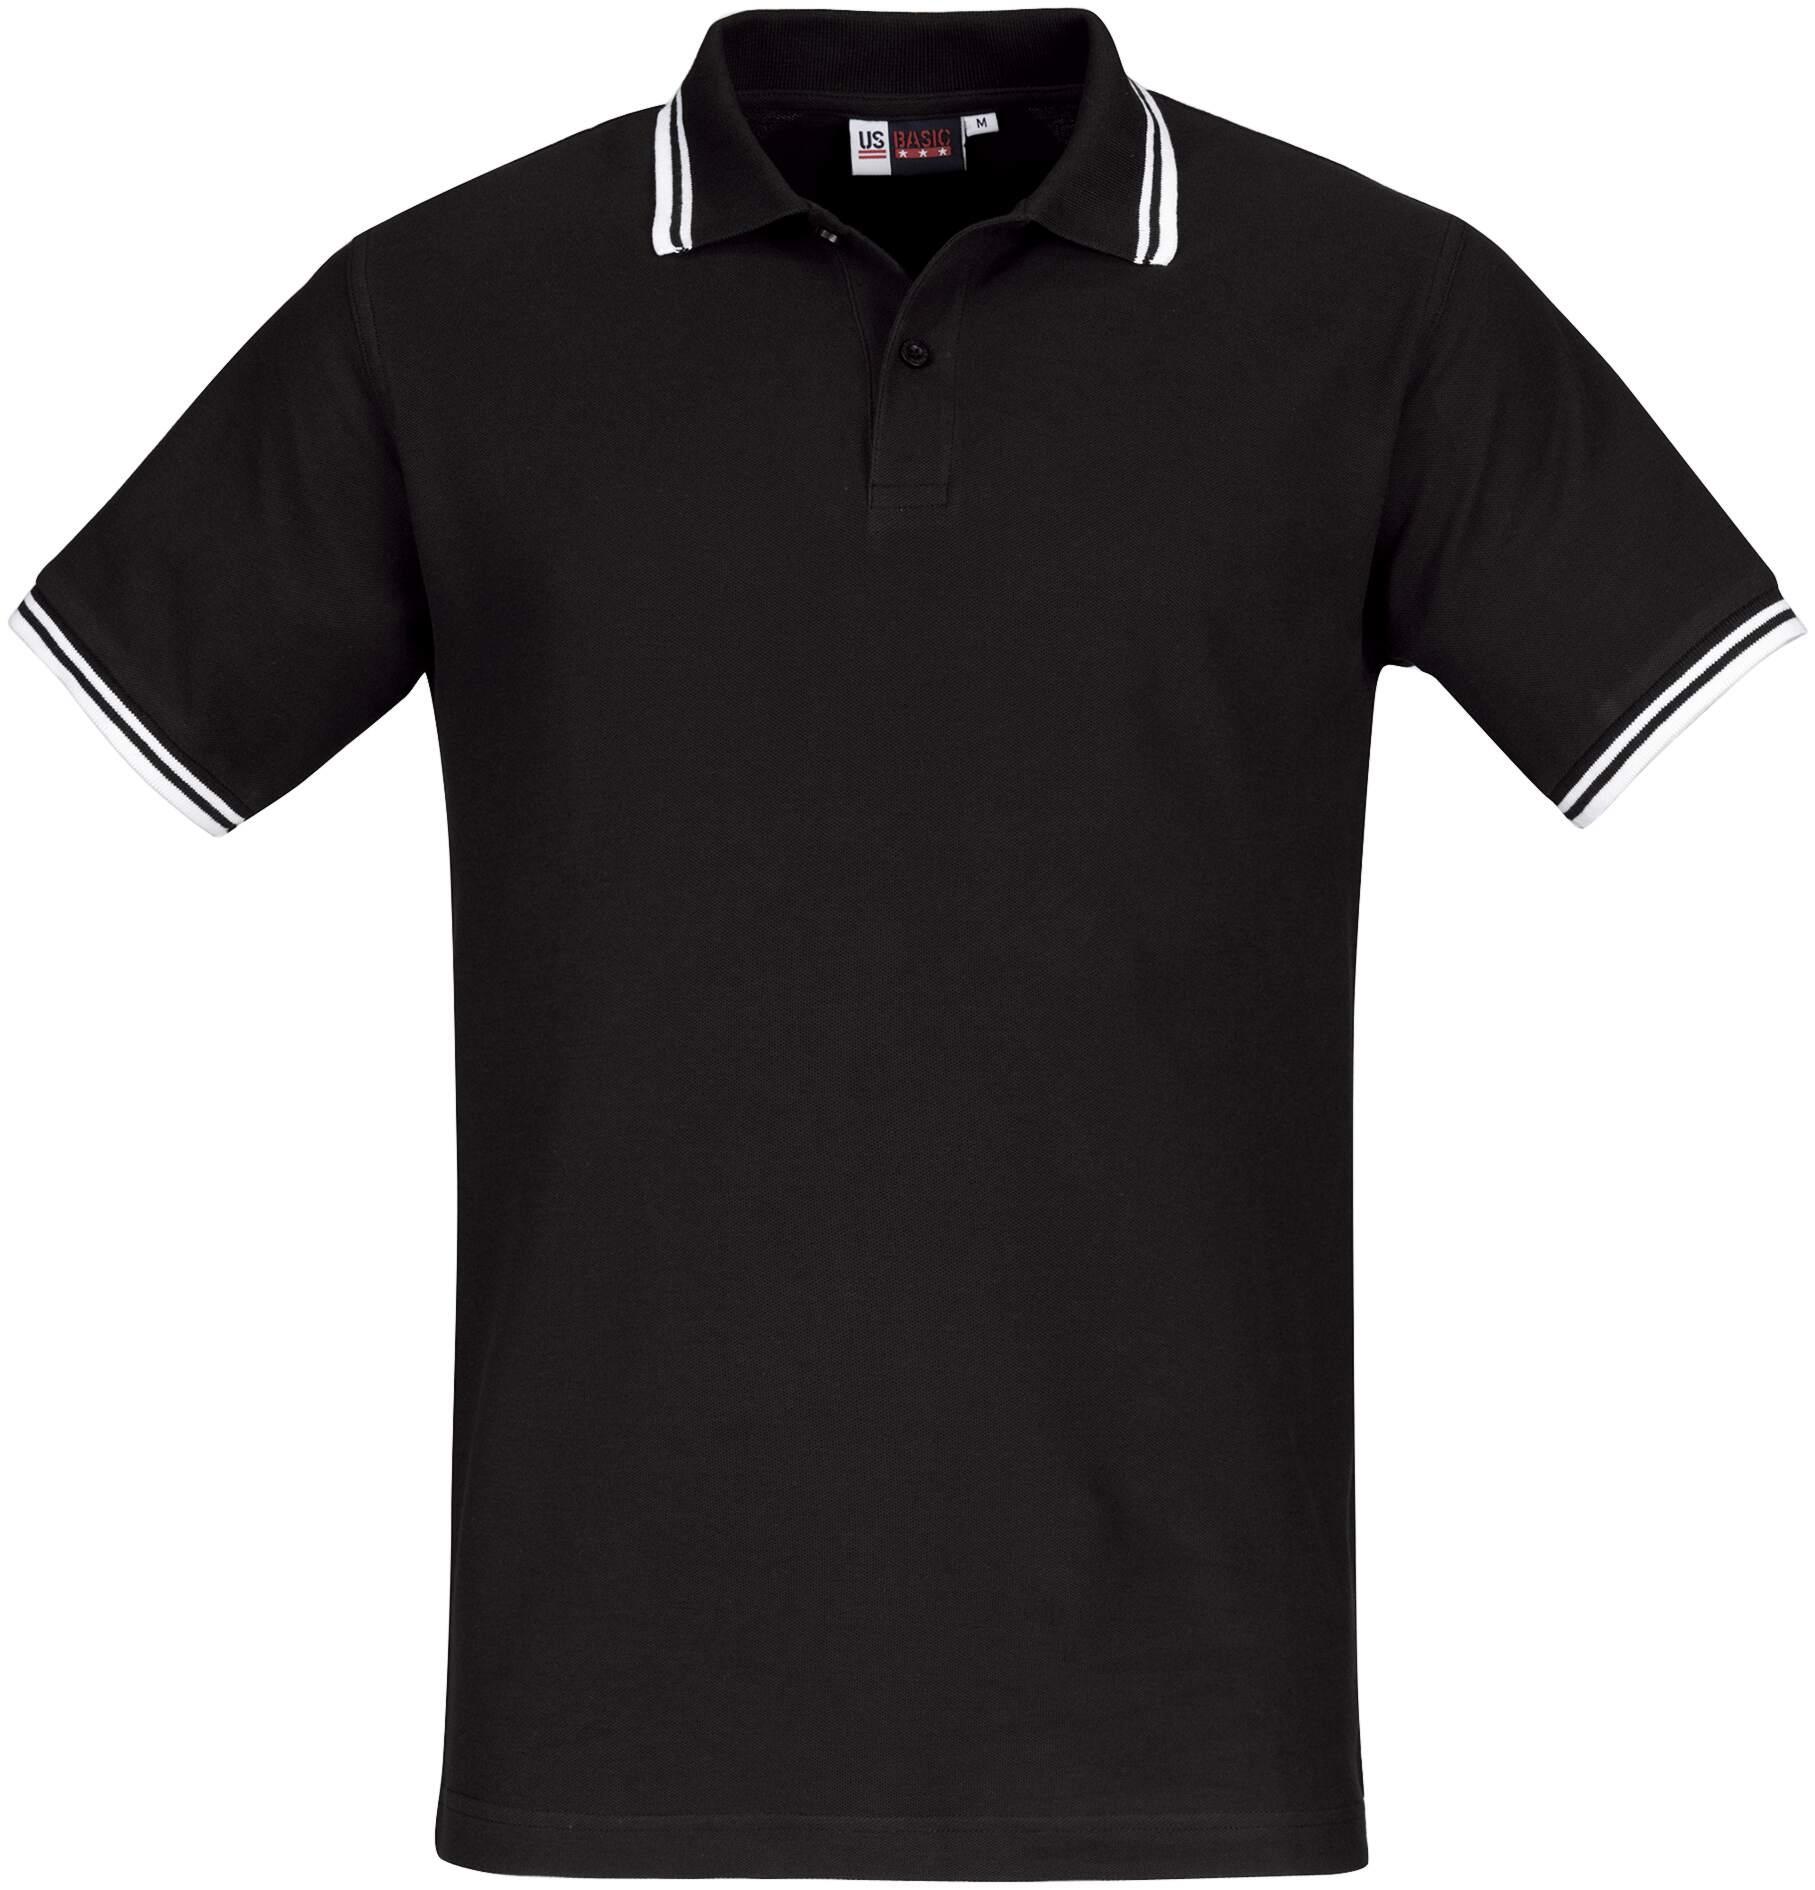 Koszulki Polo Lady US 31100 Erie - 31100_czarny_biały_US - Kolor: Czarny / Biały